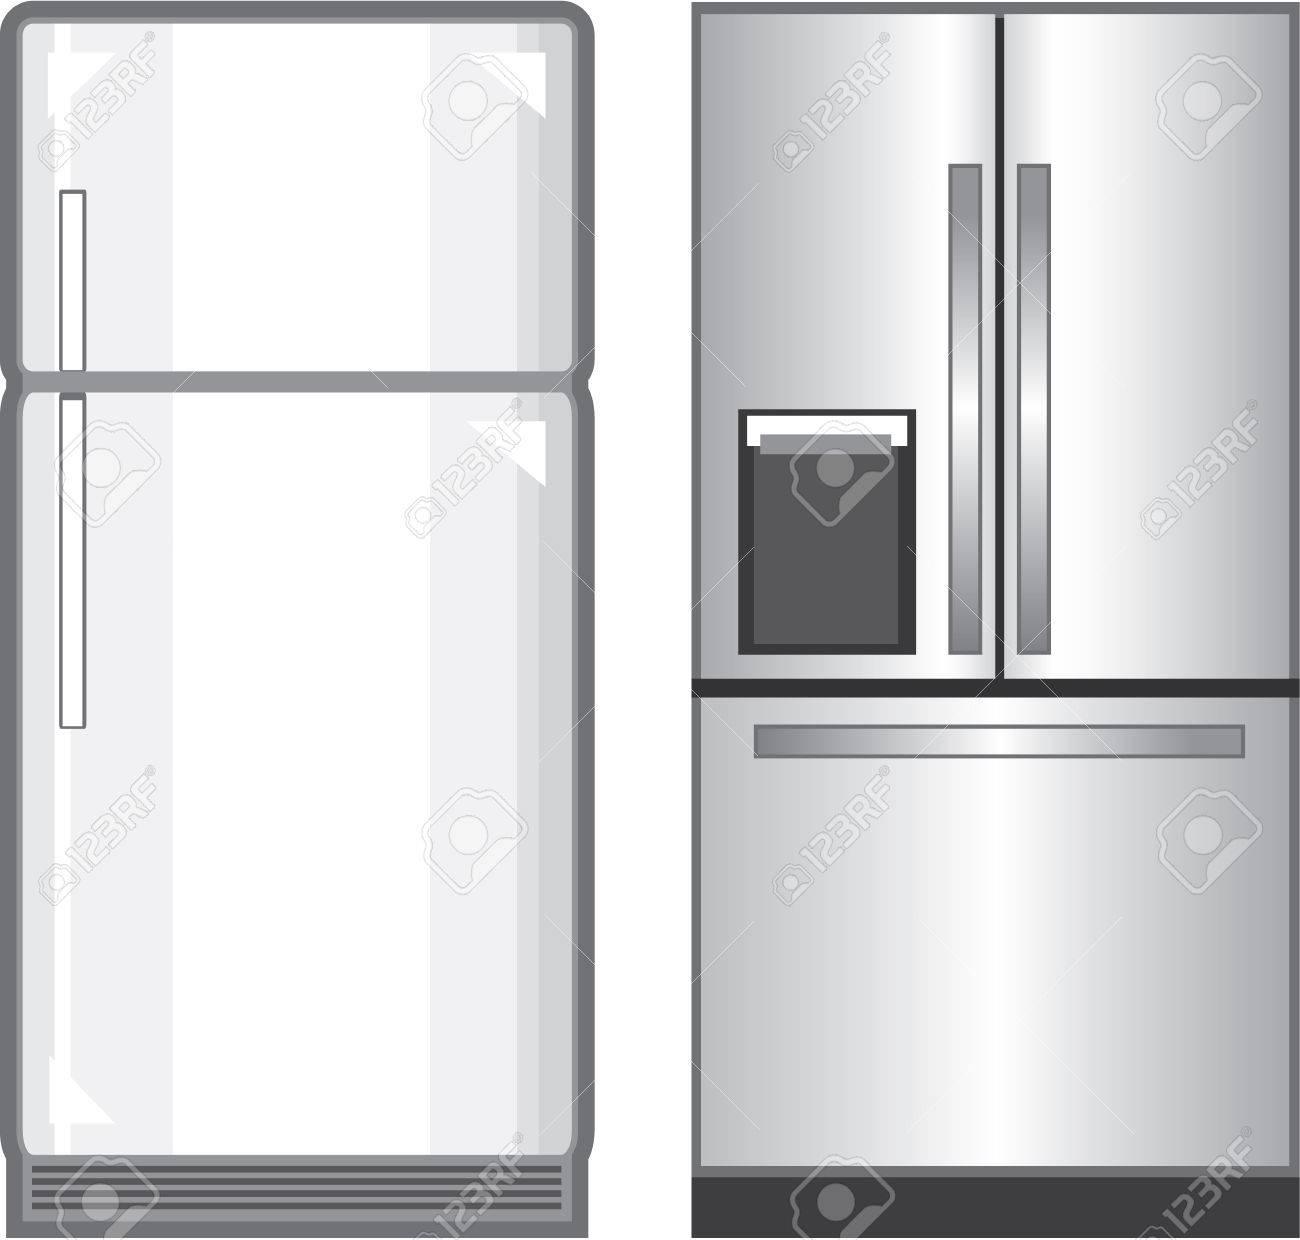 Refrigerator illustration clip.